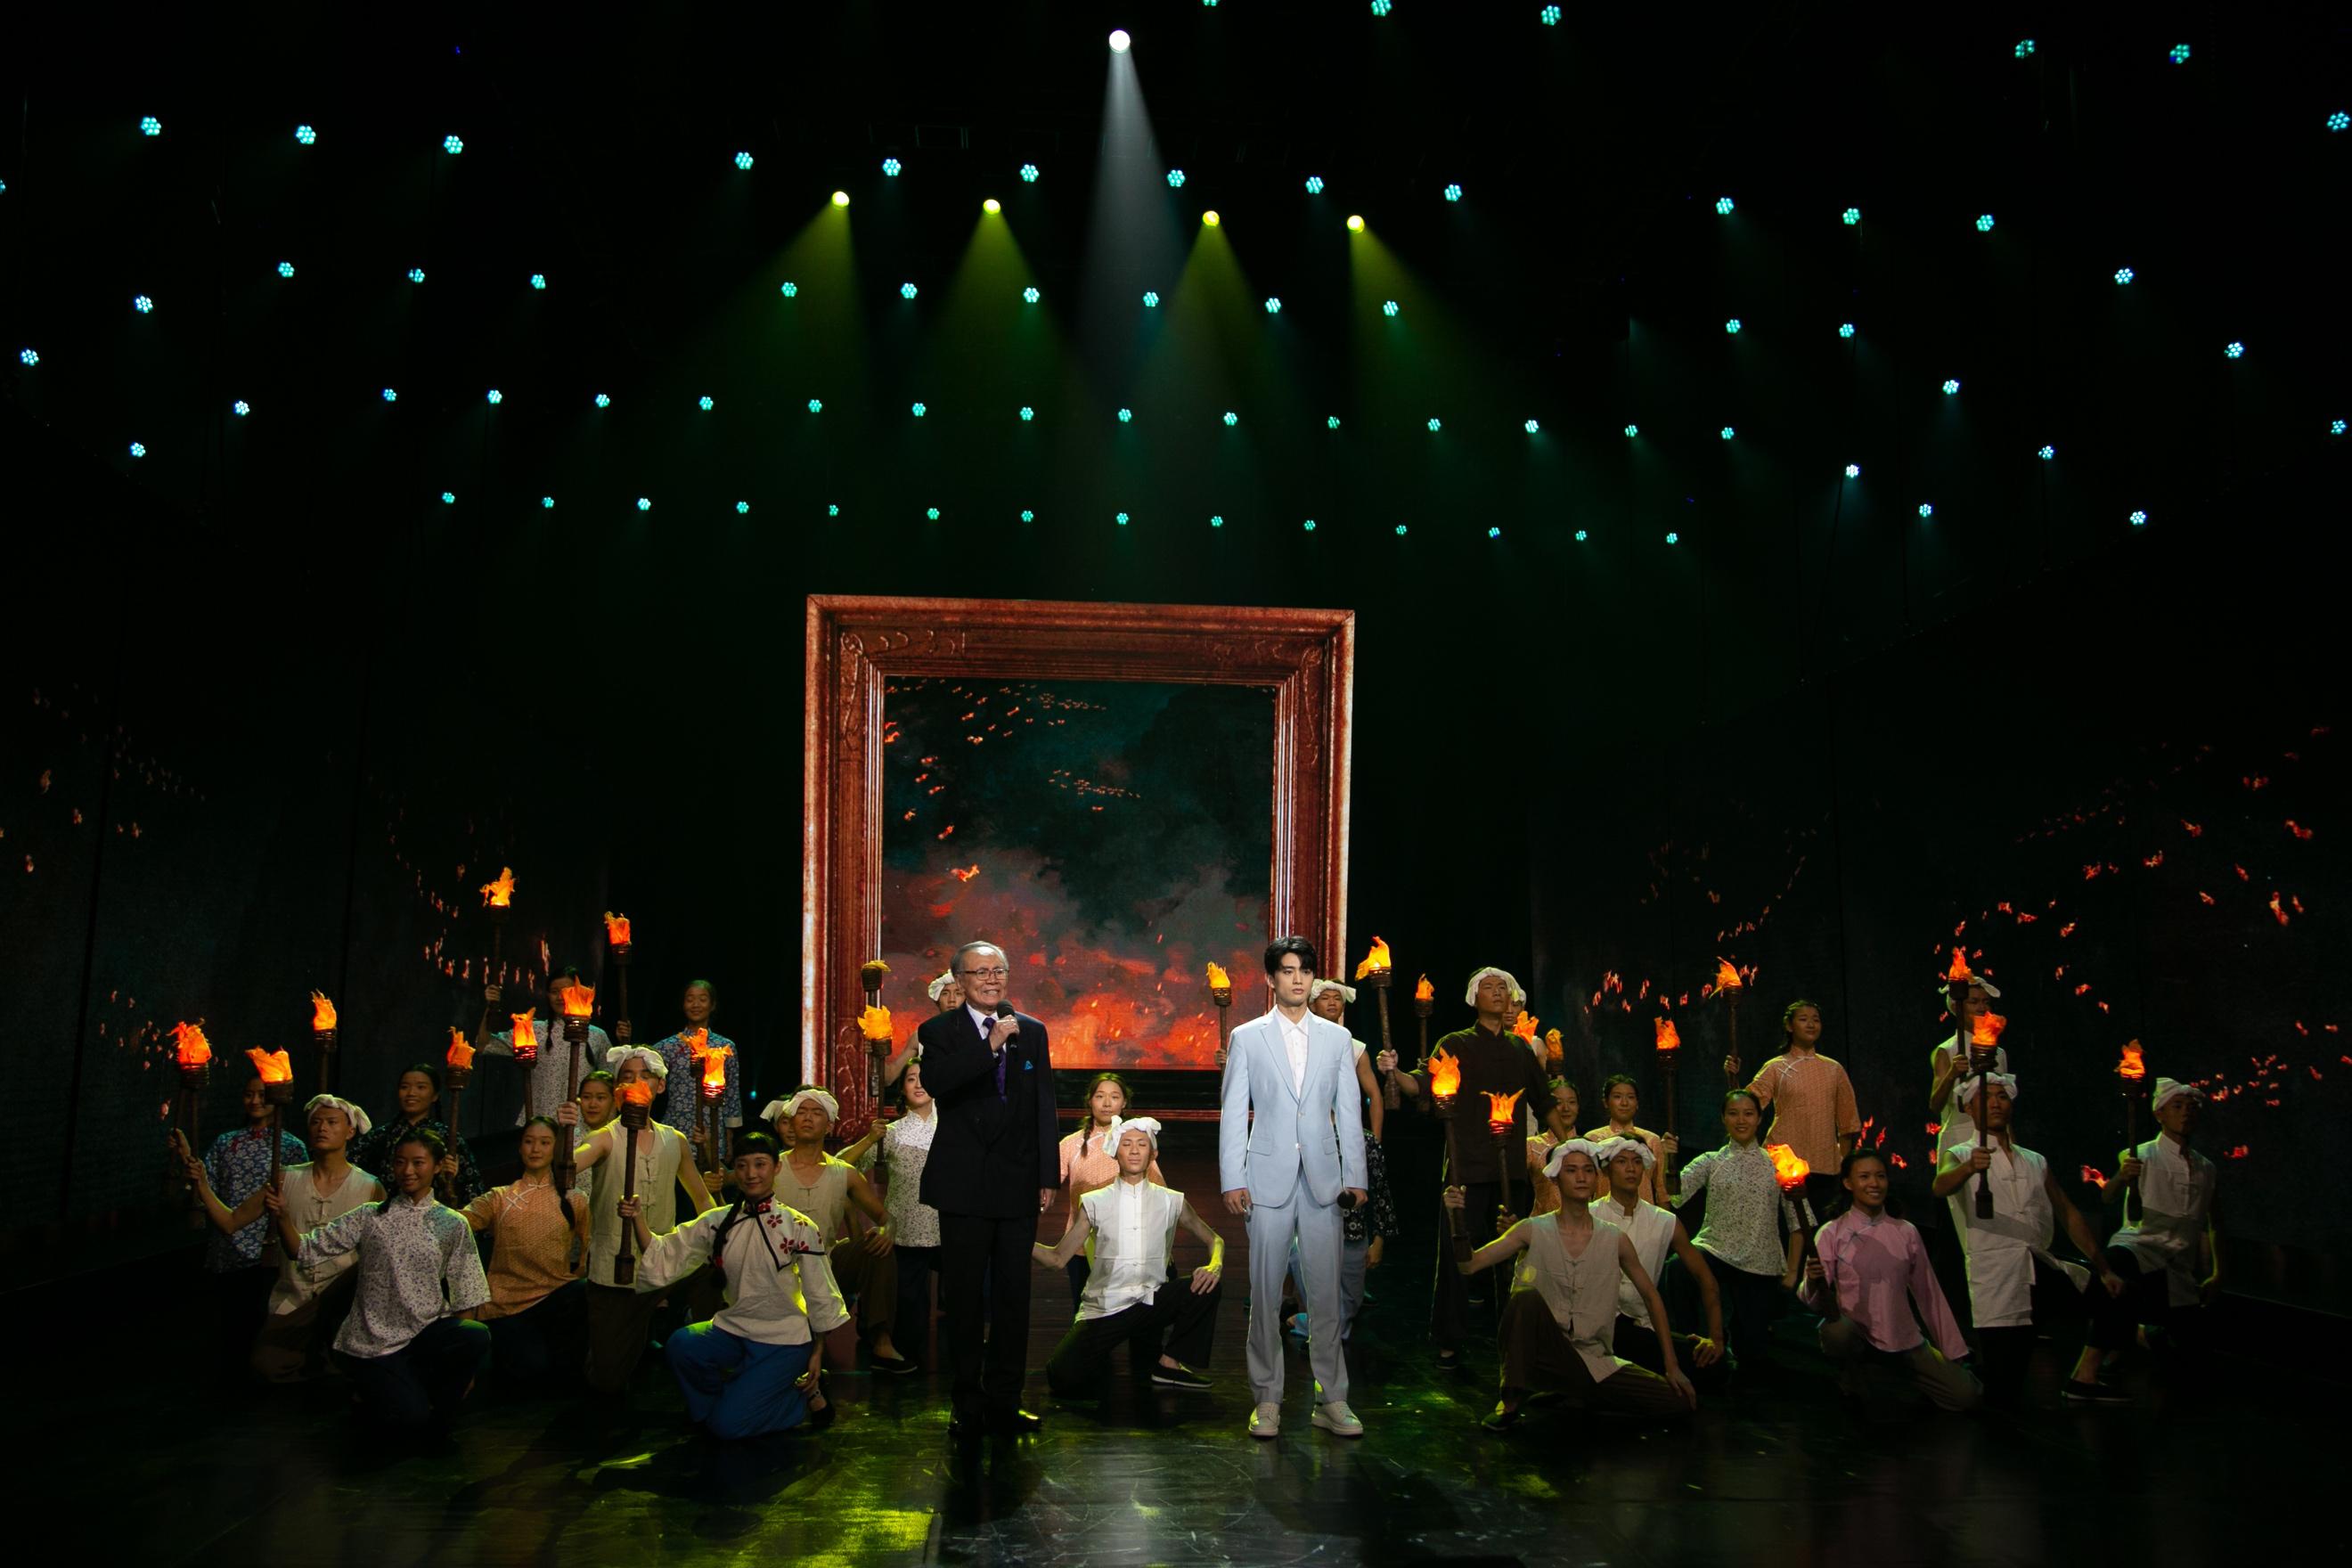 梦之城注册;由王亚彬担任领舞表演的情景舞蹈《苦难与抗争·1937》再现生灵涂炭;由廖昌永演唱的歌曲《太行山上》表达了对精忠报国的先烈们的深刻缅怀;由青年演员王力夫、何弘宇表演的情景朗诵《共同的青春》唤起共鸣